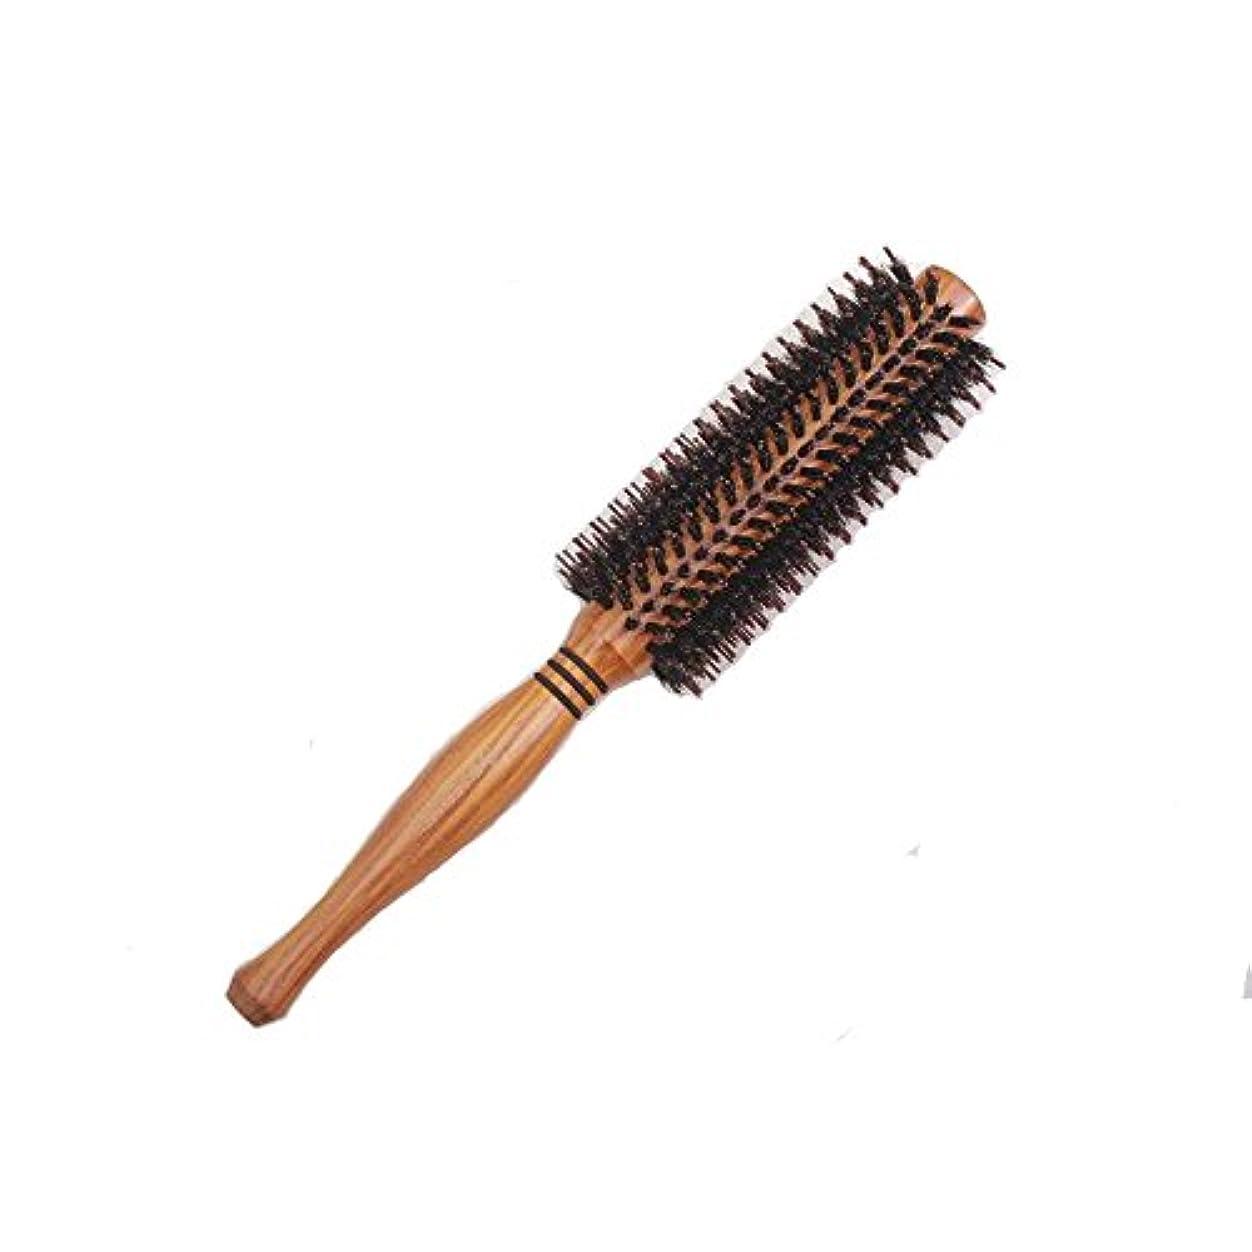 アイロニー定規ミント天然ロールブラシ 豚毛 耐熱仕様 ブロー カール 巻き髪 ヘア ブラシ ロール